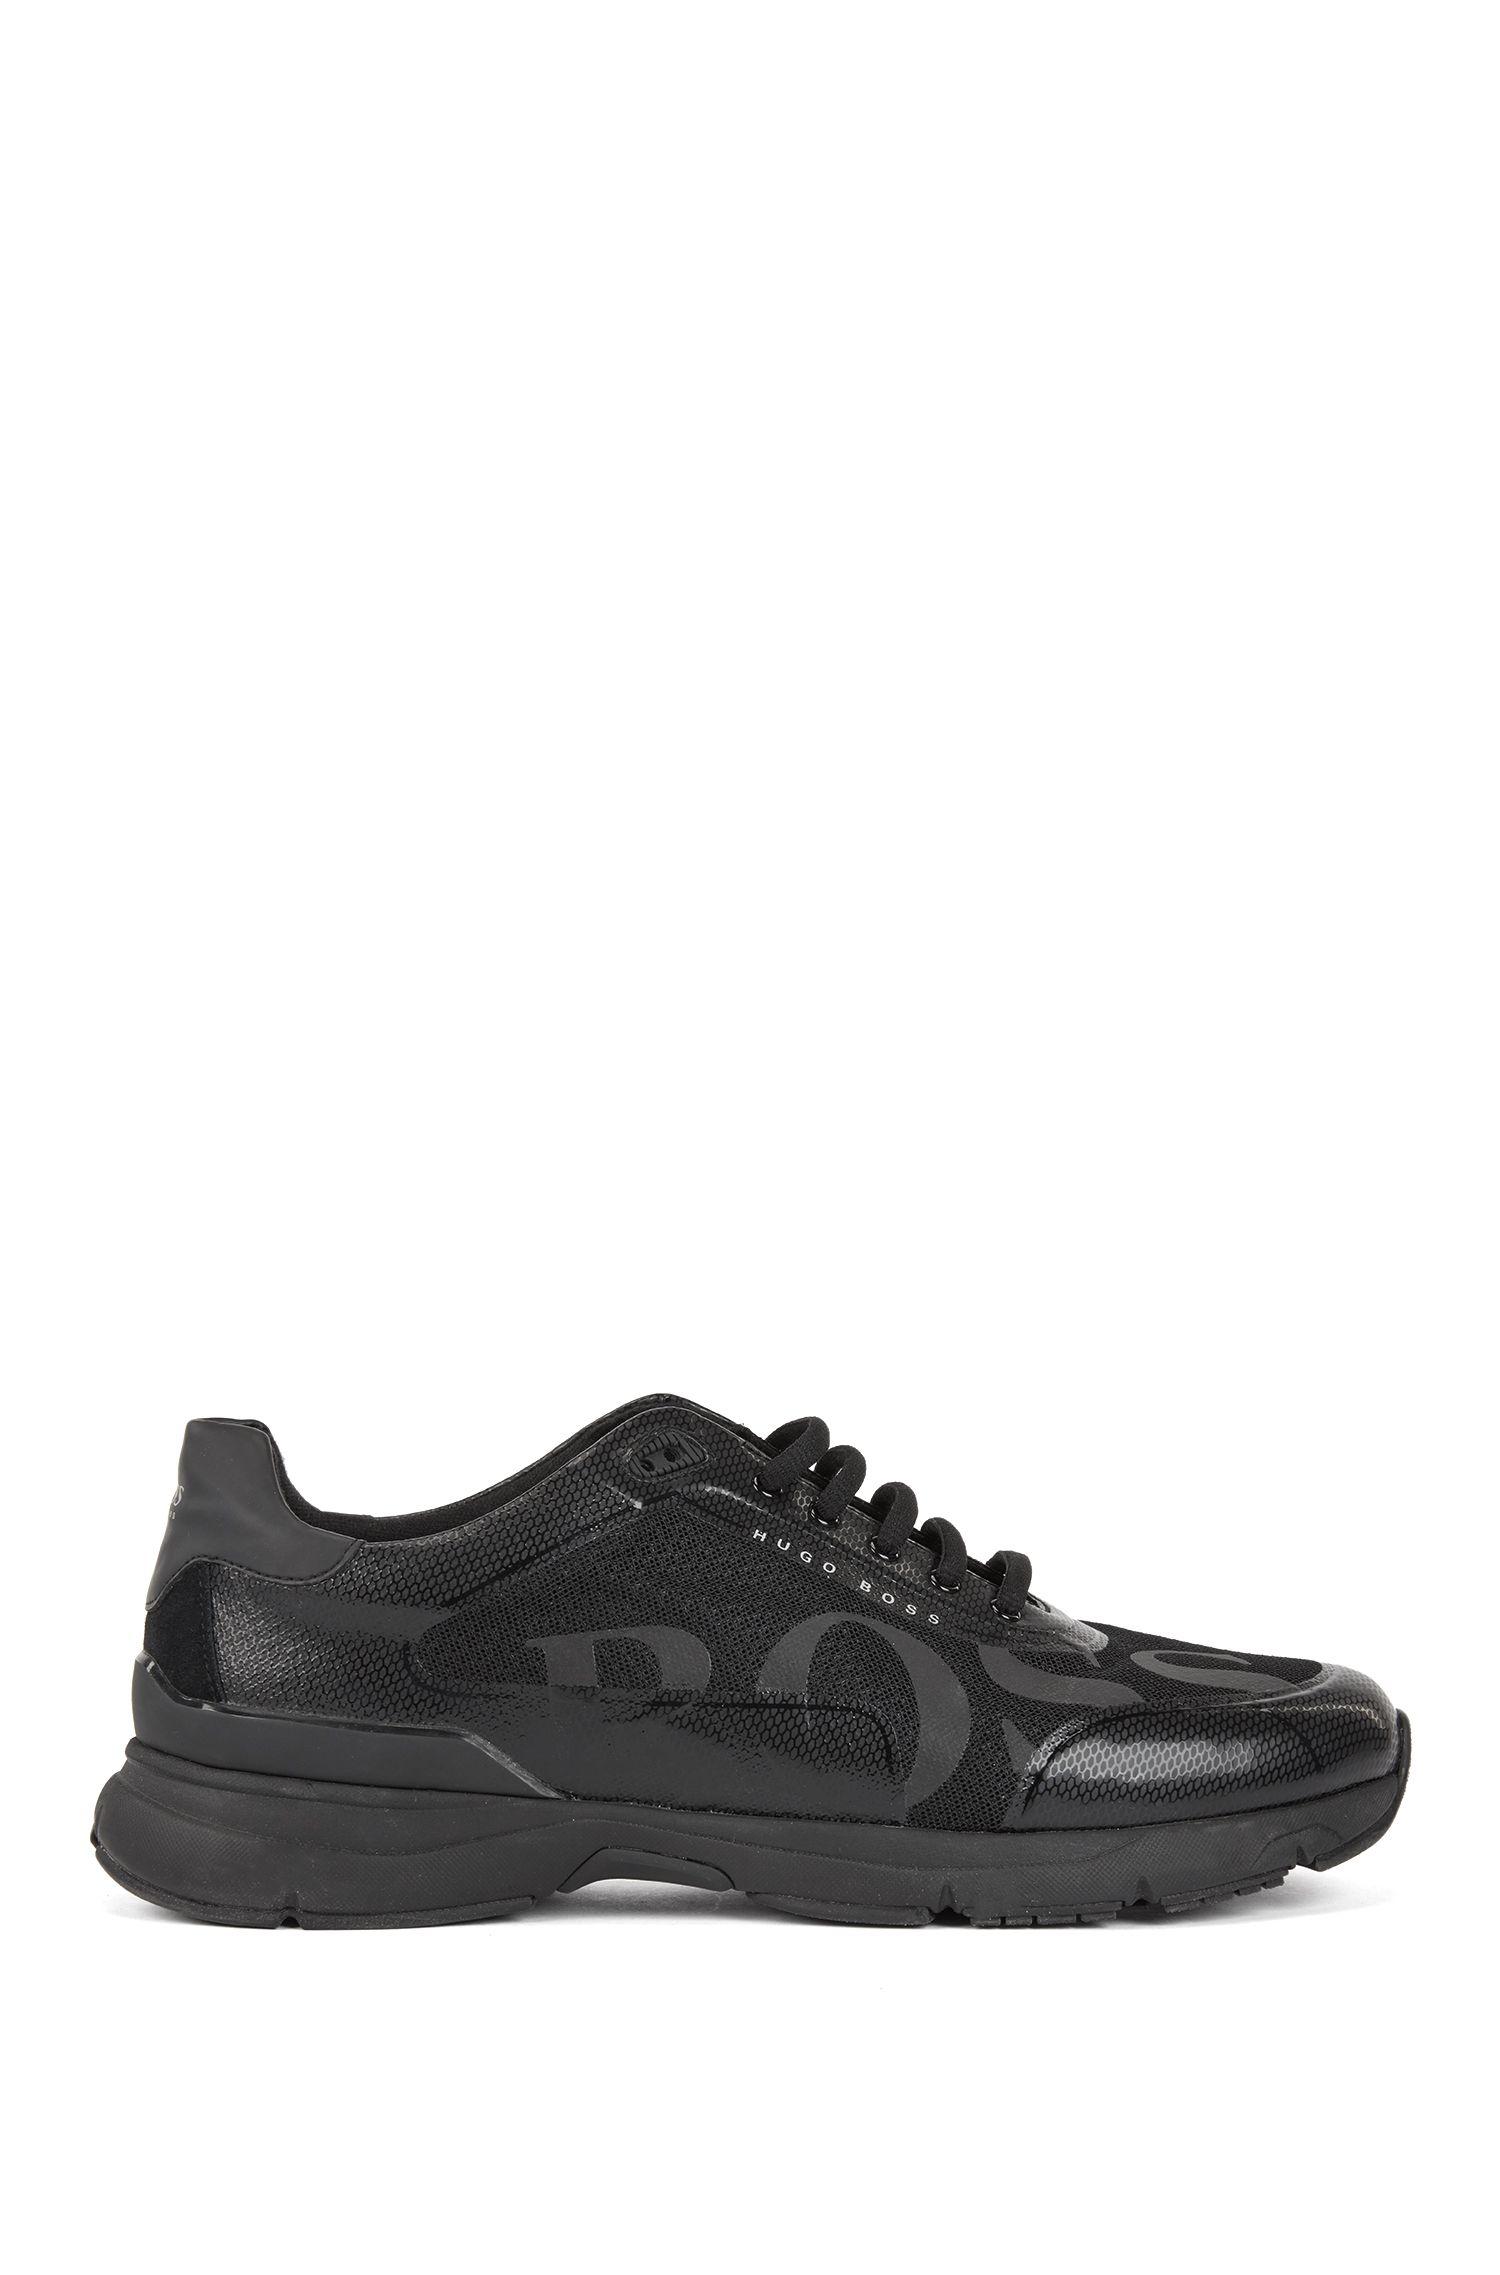 Sneakers im Laufschuh-Stil mit innovativem Innenfutter, Schwarz